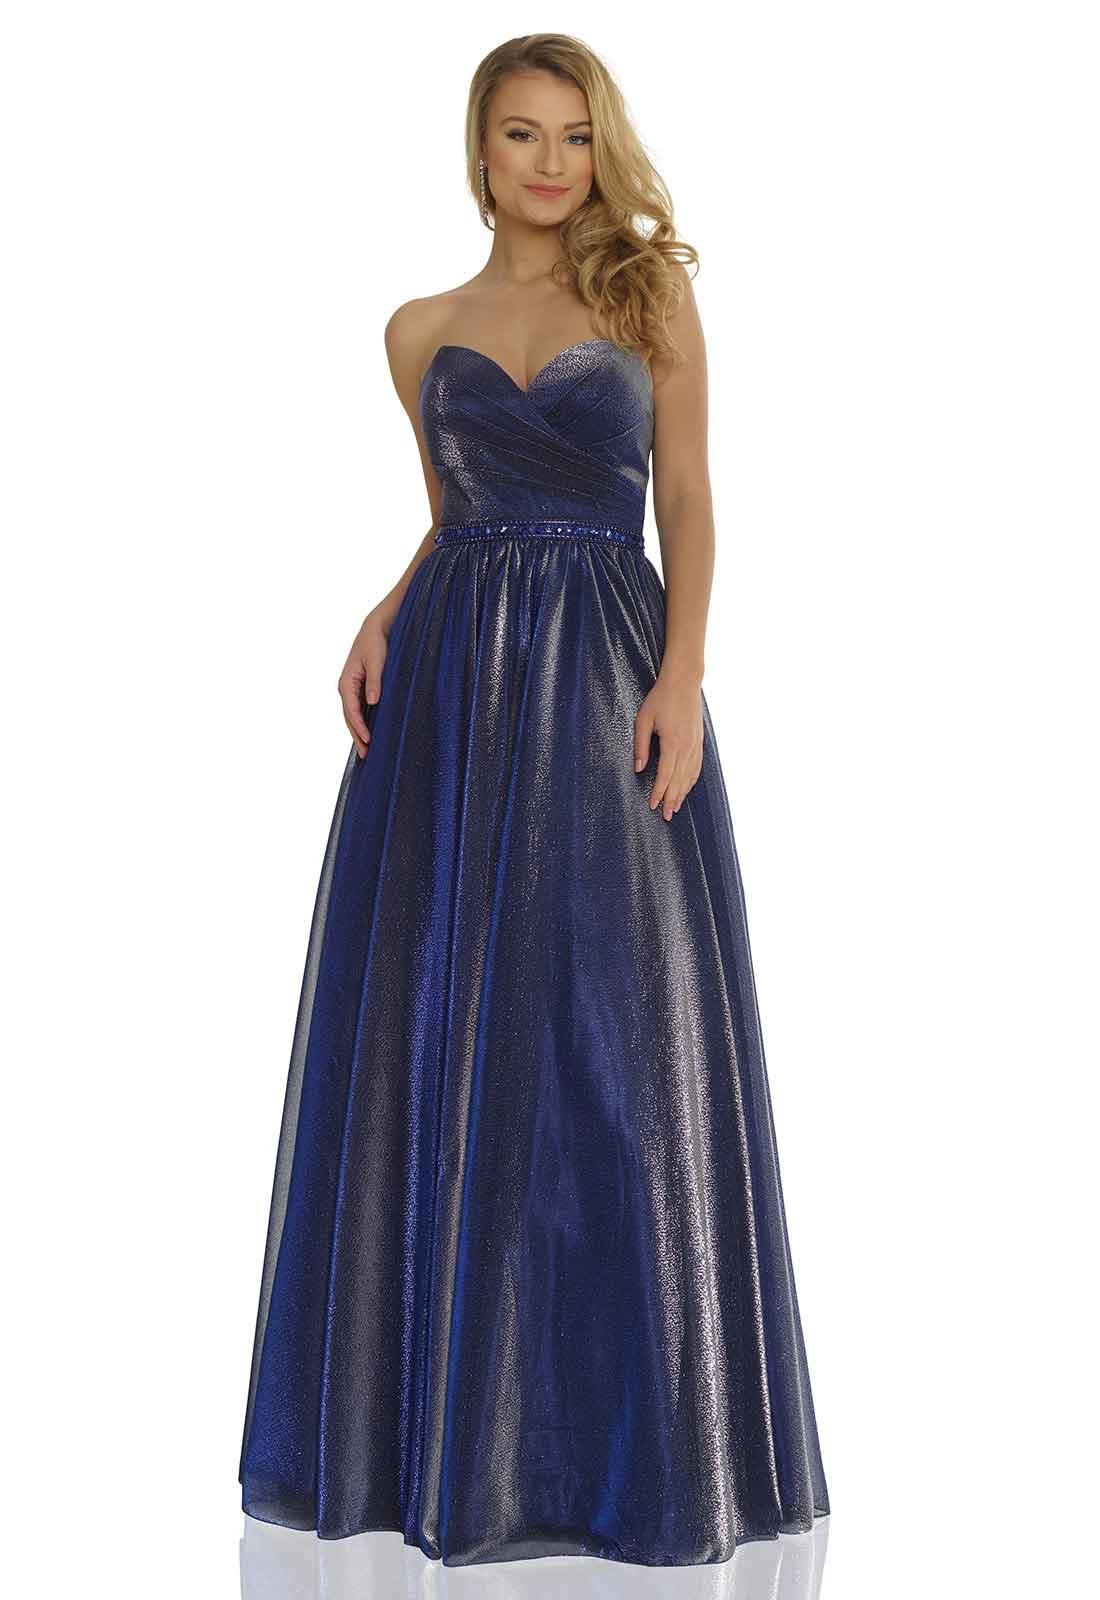 20 Leicht Abendkleider Jora Vertrieb Kreativ Abendkleider Jora Vertrieb